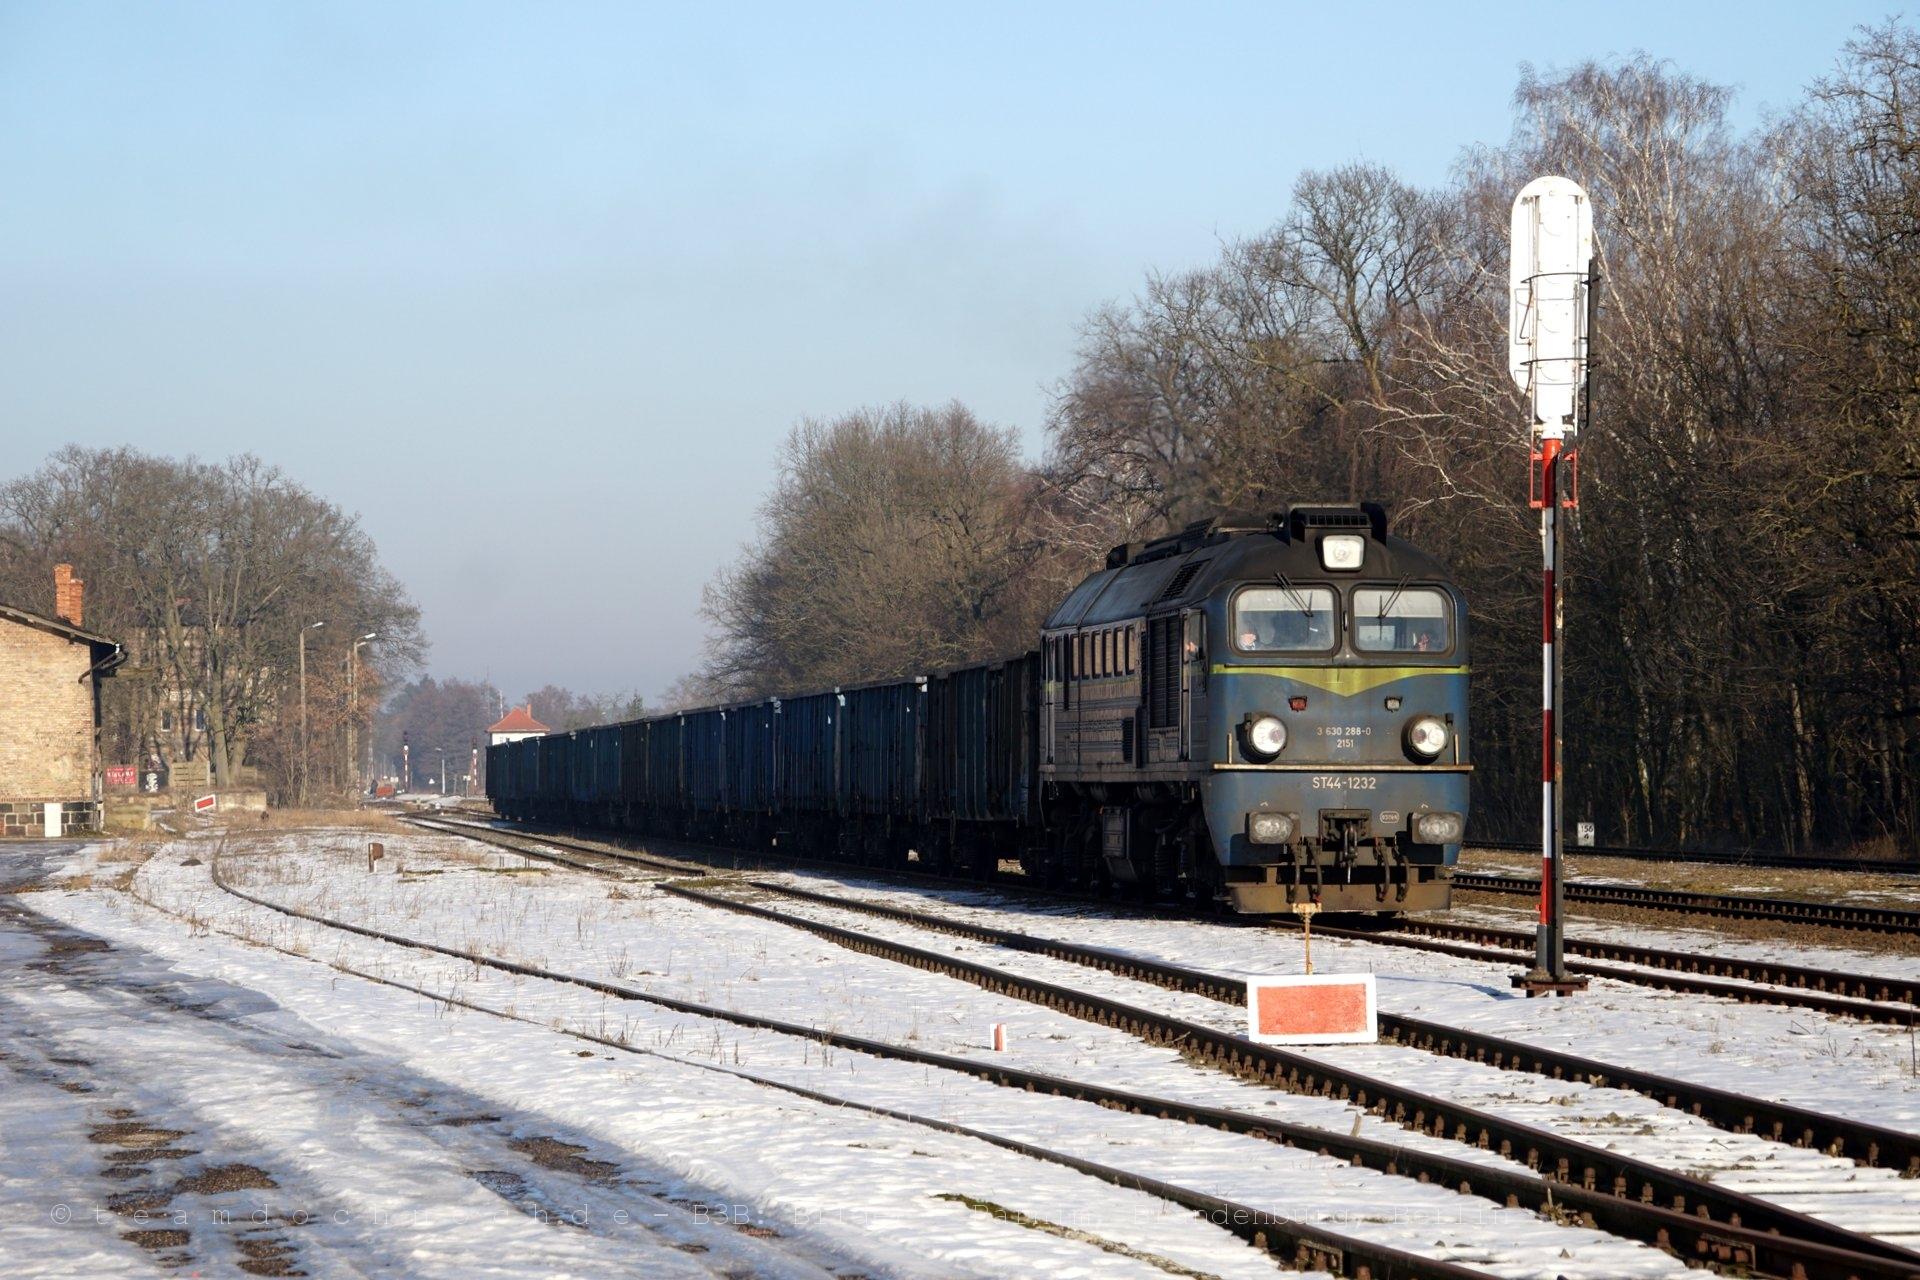 ST44-1232 im Bahnhof Krajenka an der Ostbahn